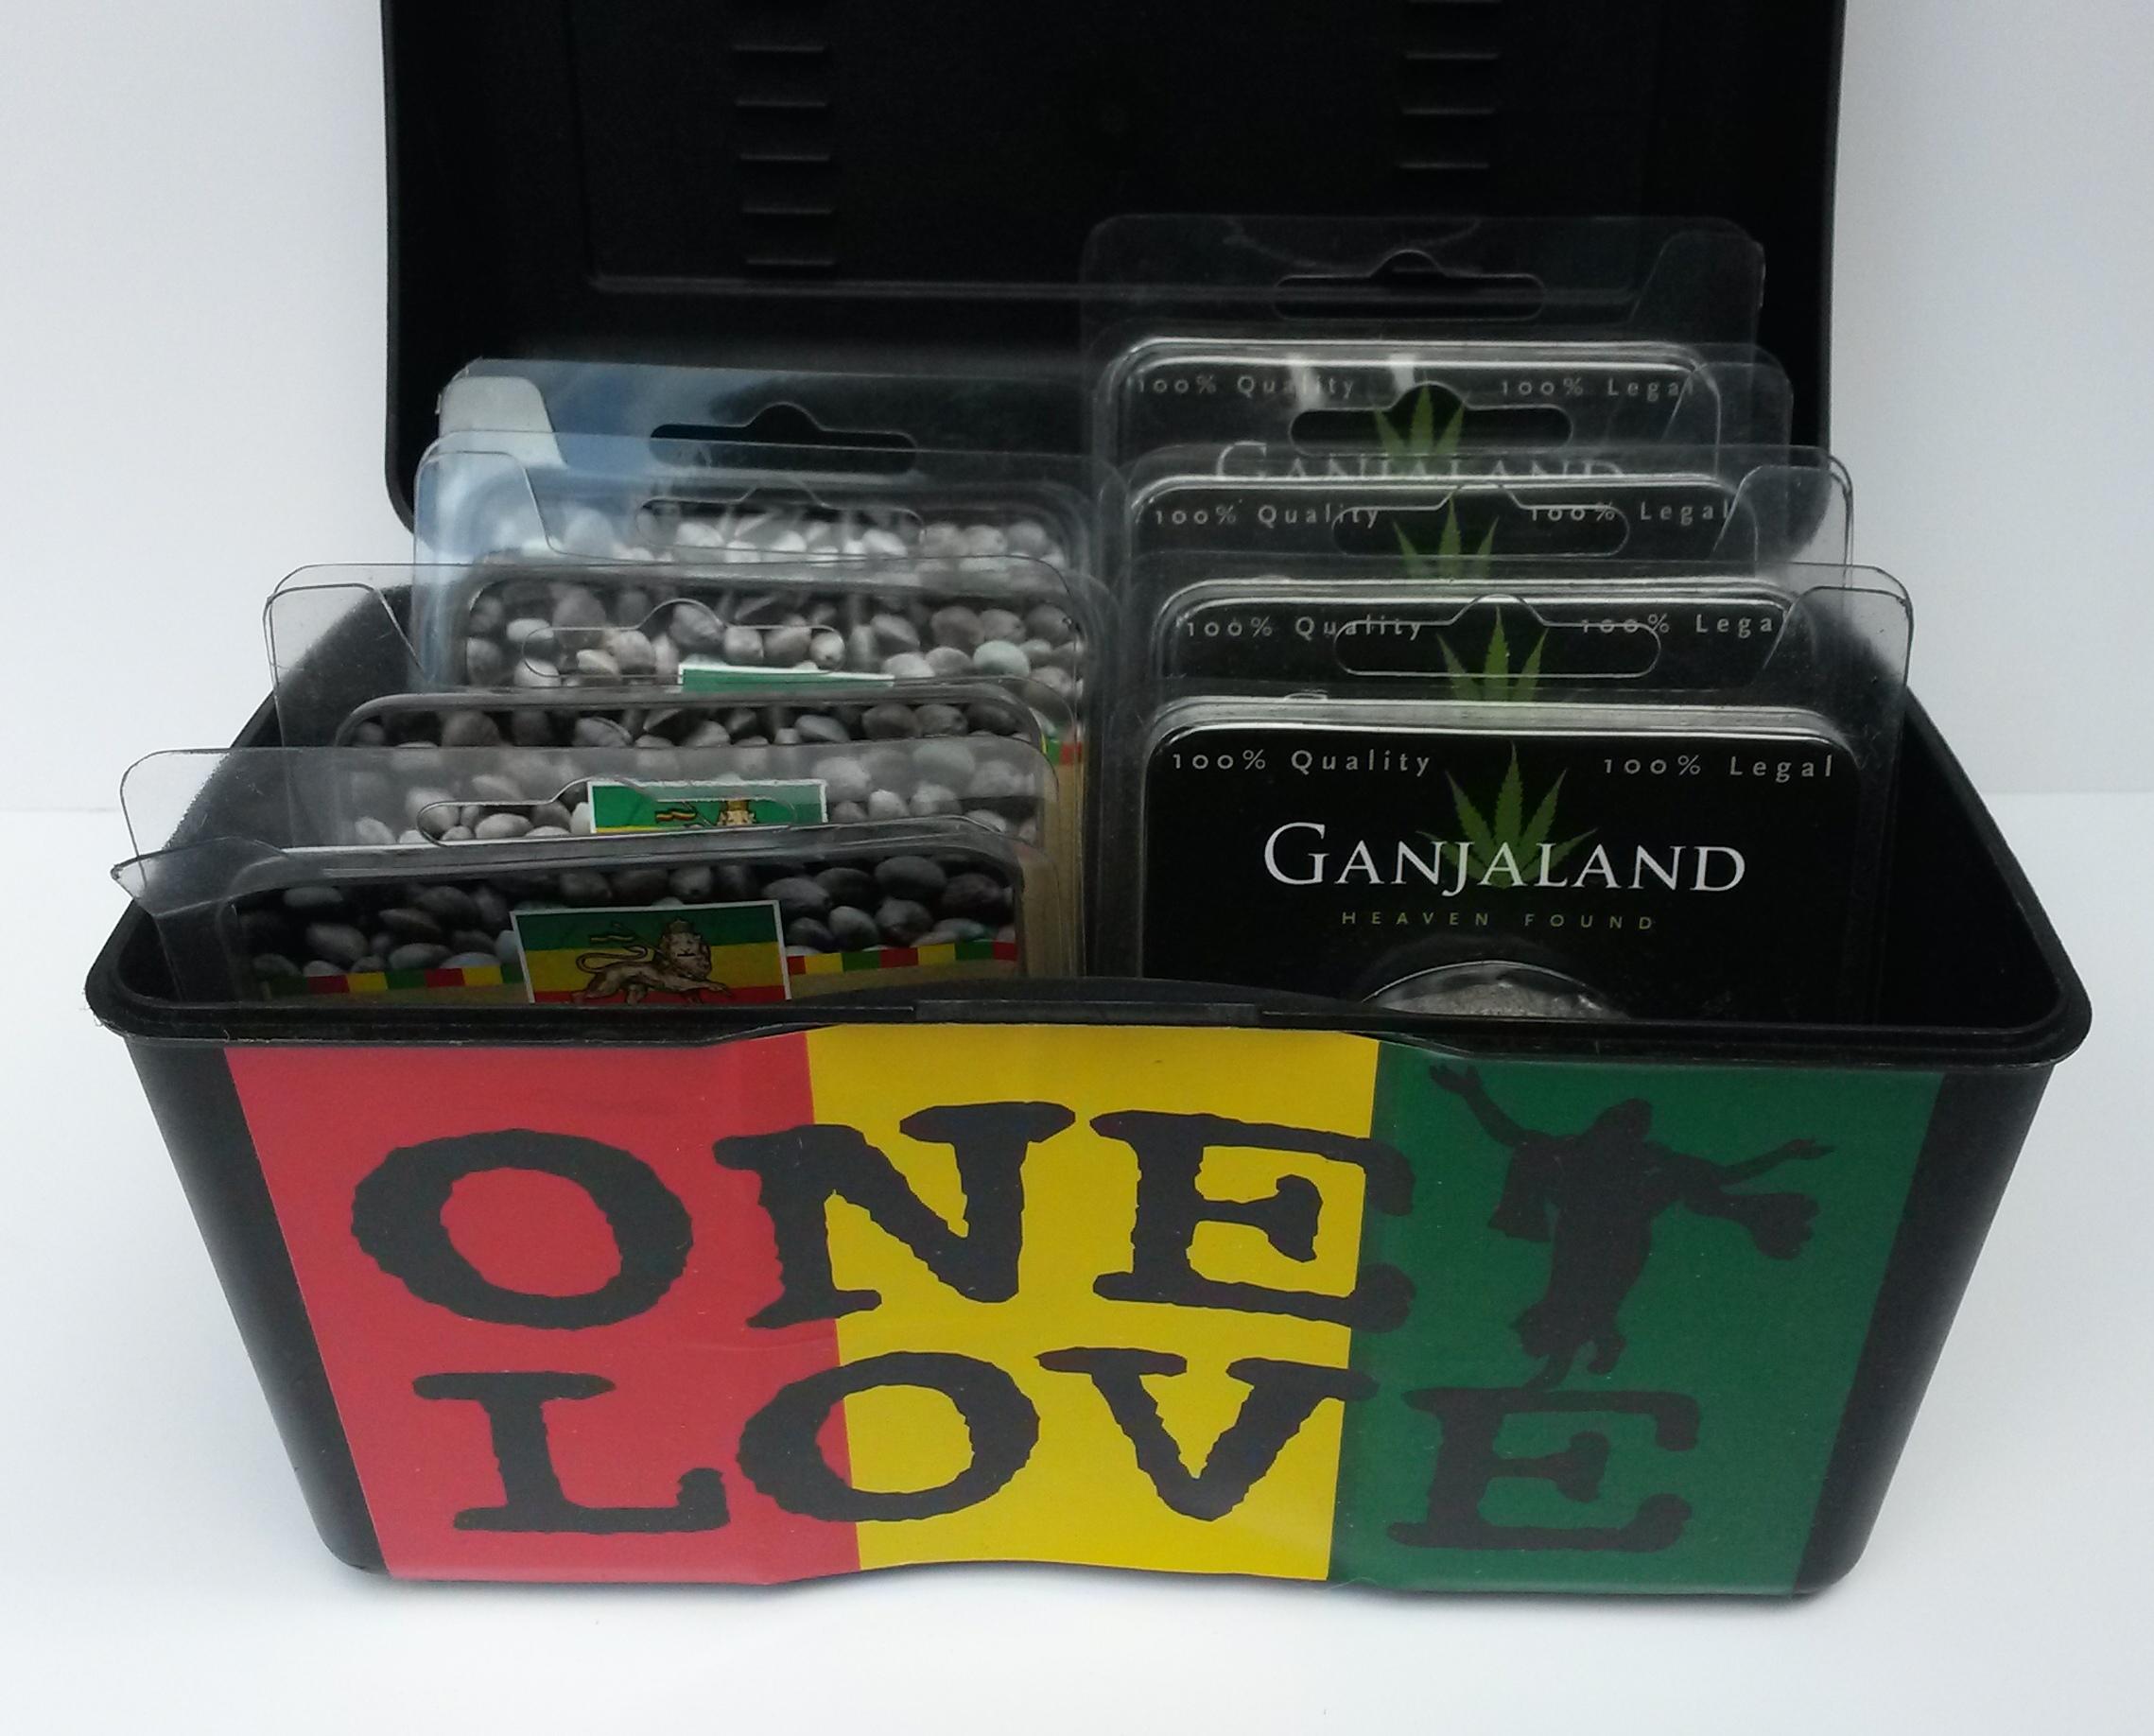 Ganjaland Cannabis Seeds